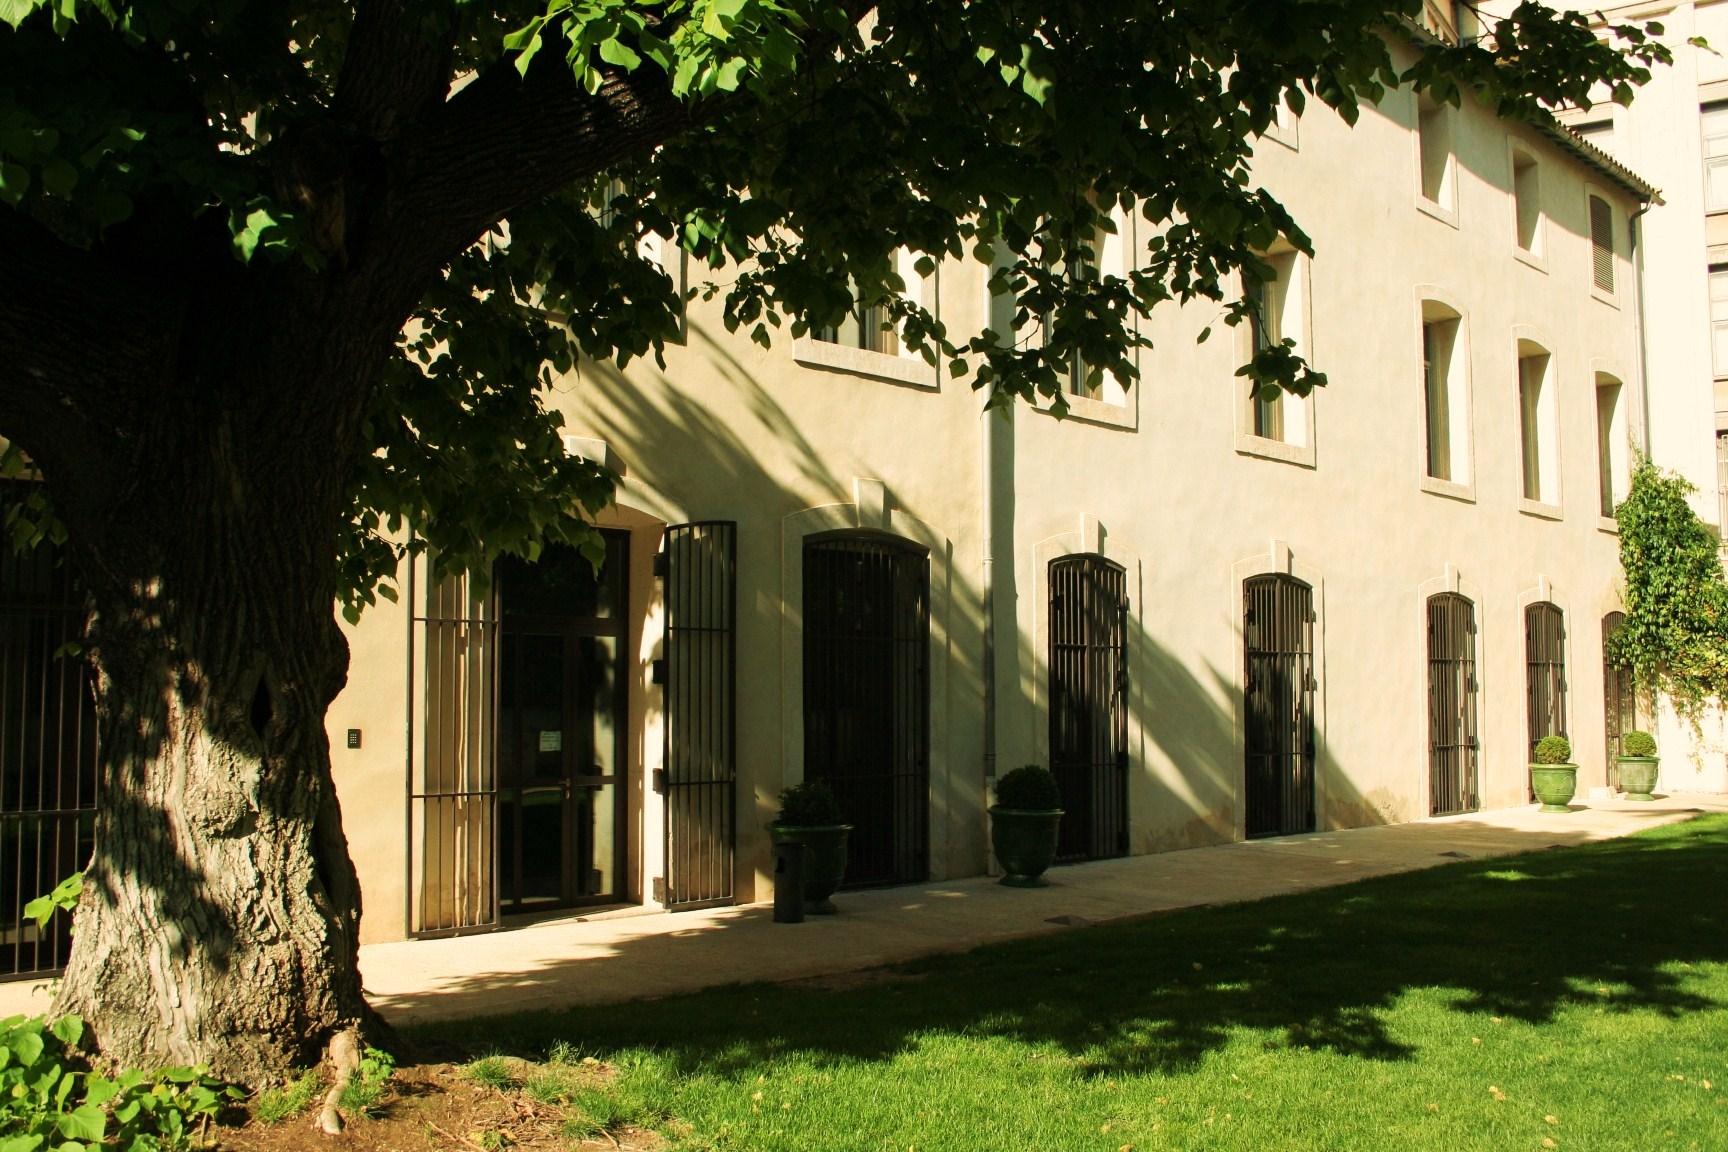 Maison d arr t de villeneuve les maguelone ventana blog for Piscine saint alban